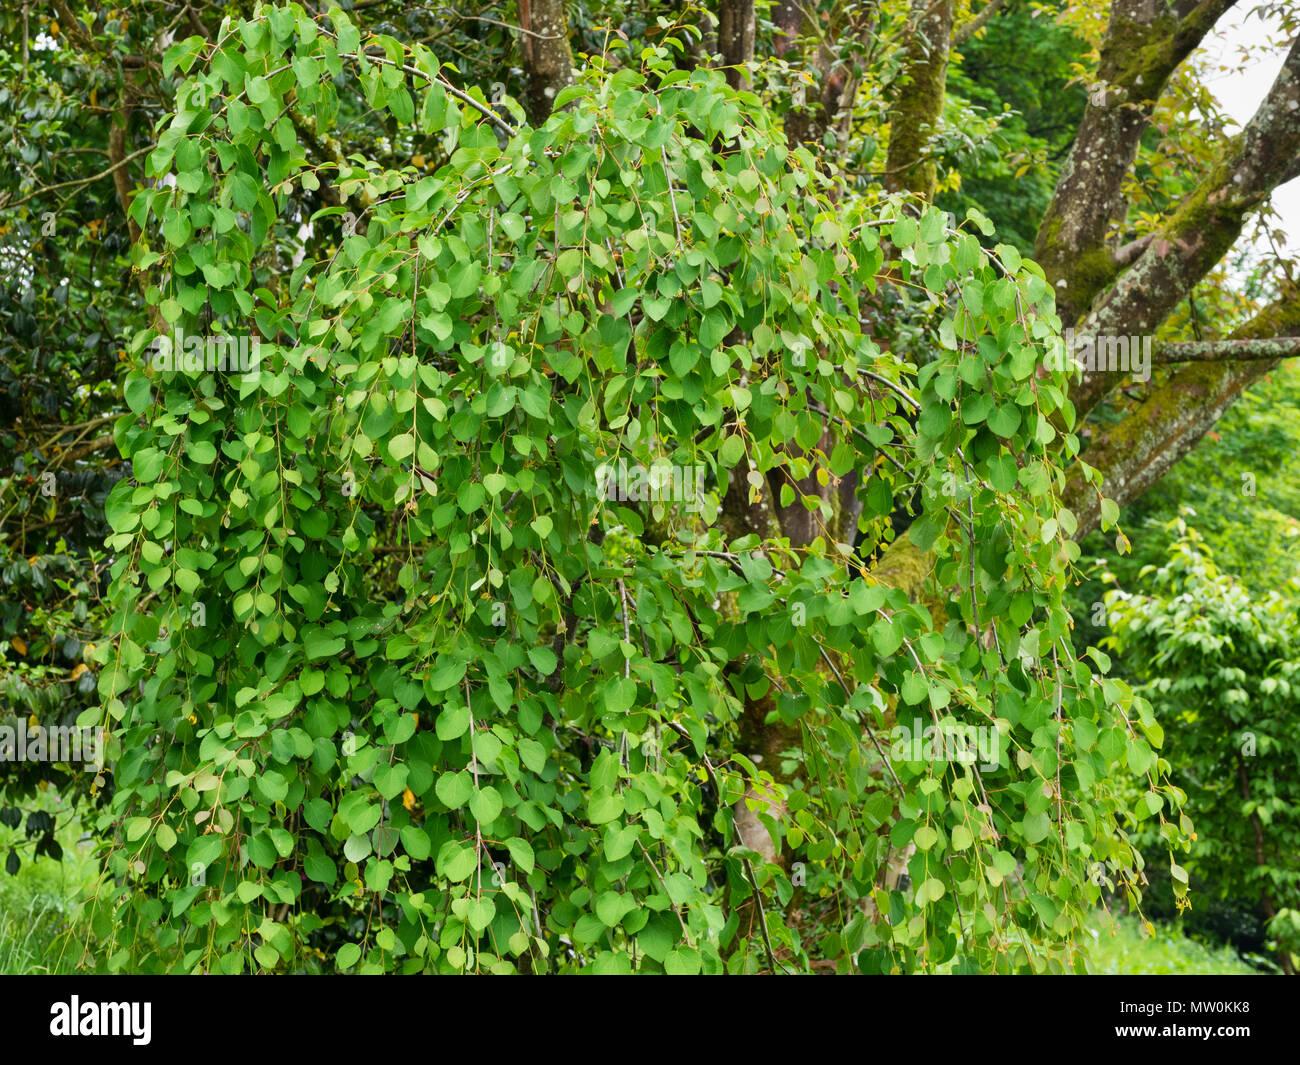 Les jeunes de l'usine sous forme de pleurs, l'arbre Katsura Cercidiphyllum japonicum 'Amazing Grace' Photo Stock